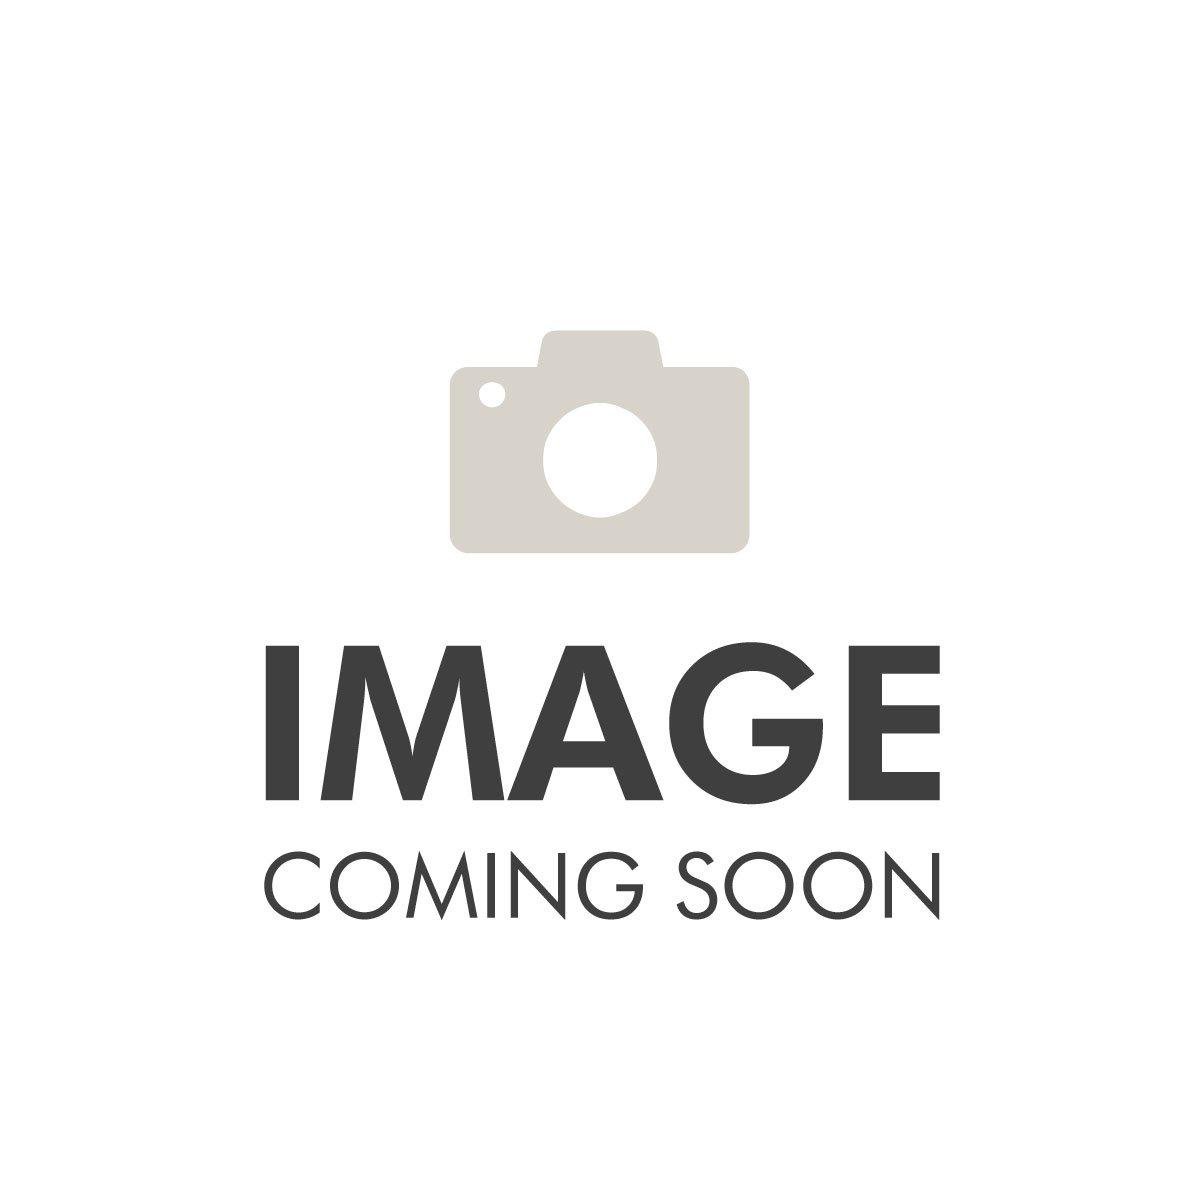 PBT - Poignée isolée - Visconti - Modèle P